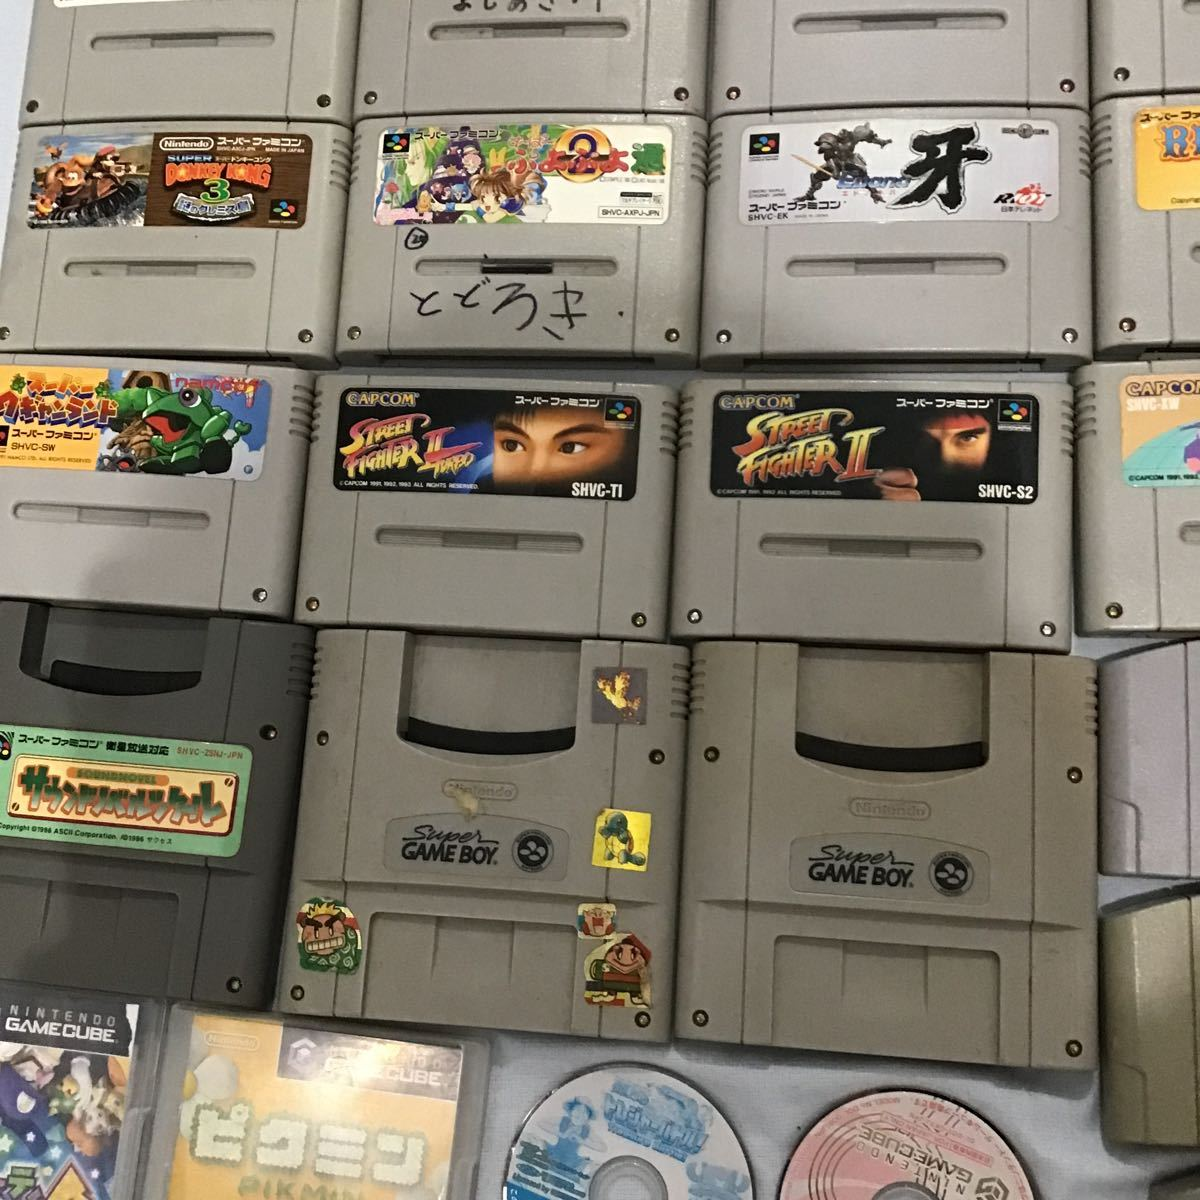 【中古任天堂ソフト】Nintendo ゲームボーイ ゲームボーイカラー スーパーファミコン 64 アドバンス DS キューブ まとめて87点_画像5